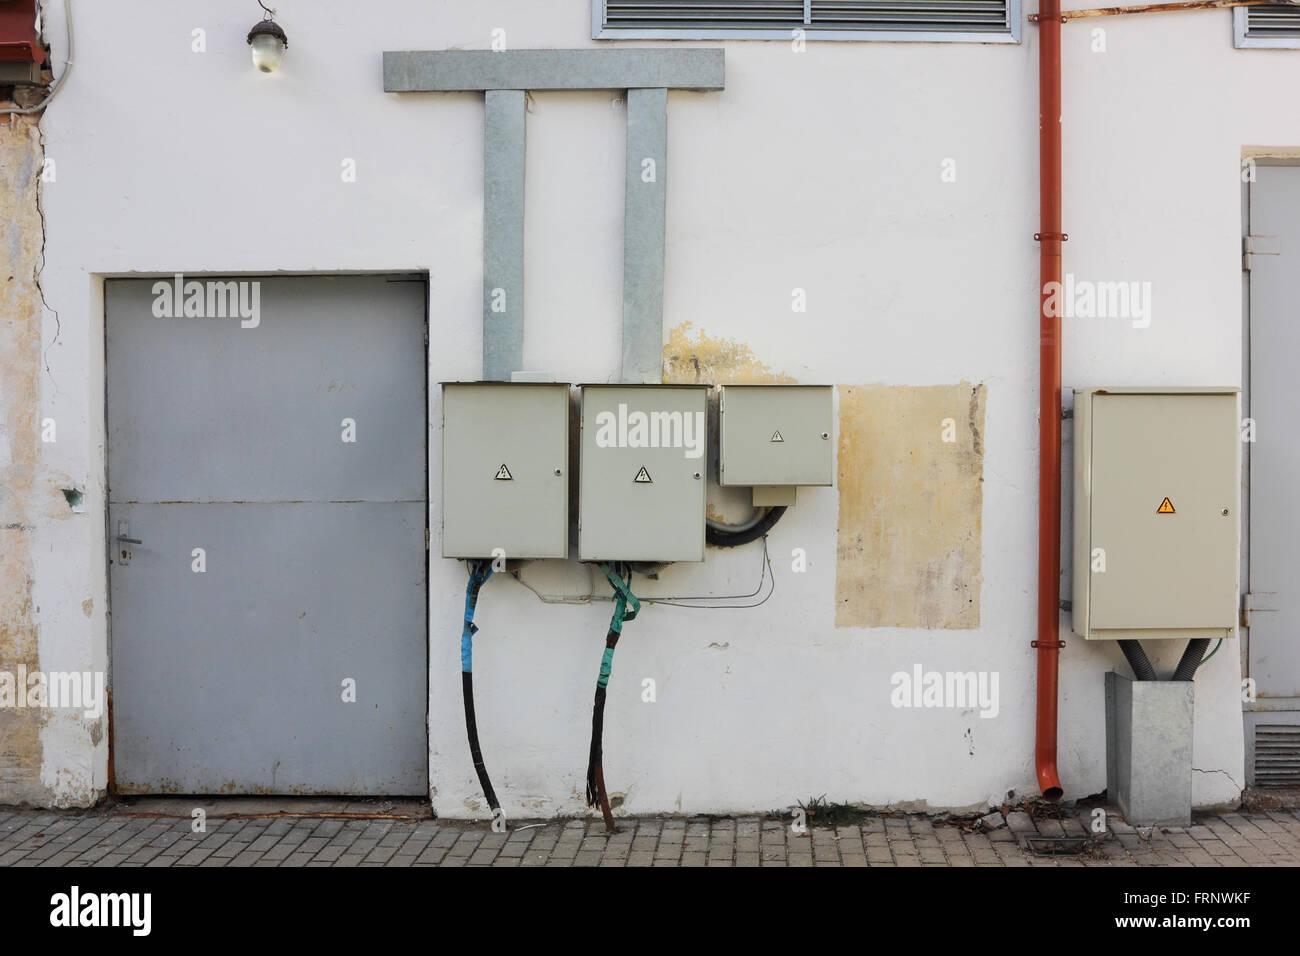 Wiring Box Stockfotos & Wiring Box Bilder - Seite 2 - Alamy